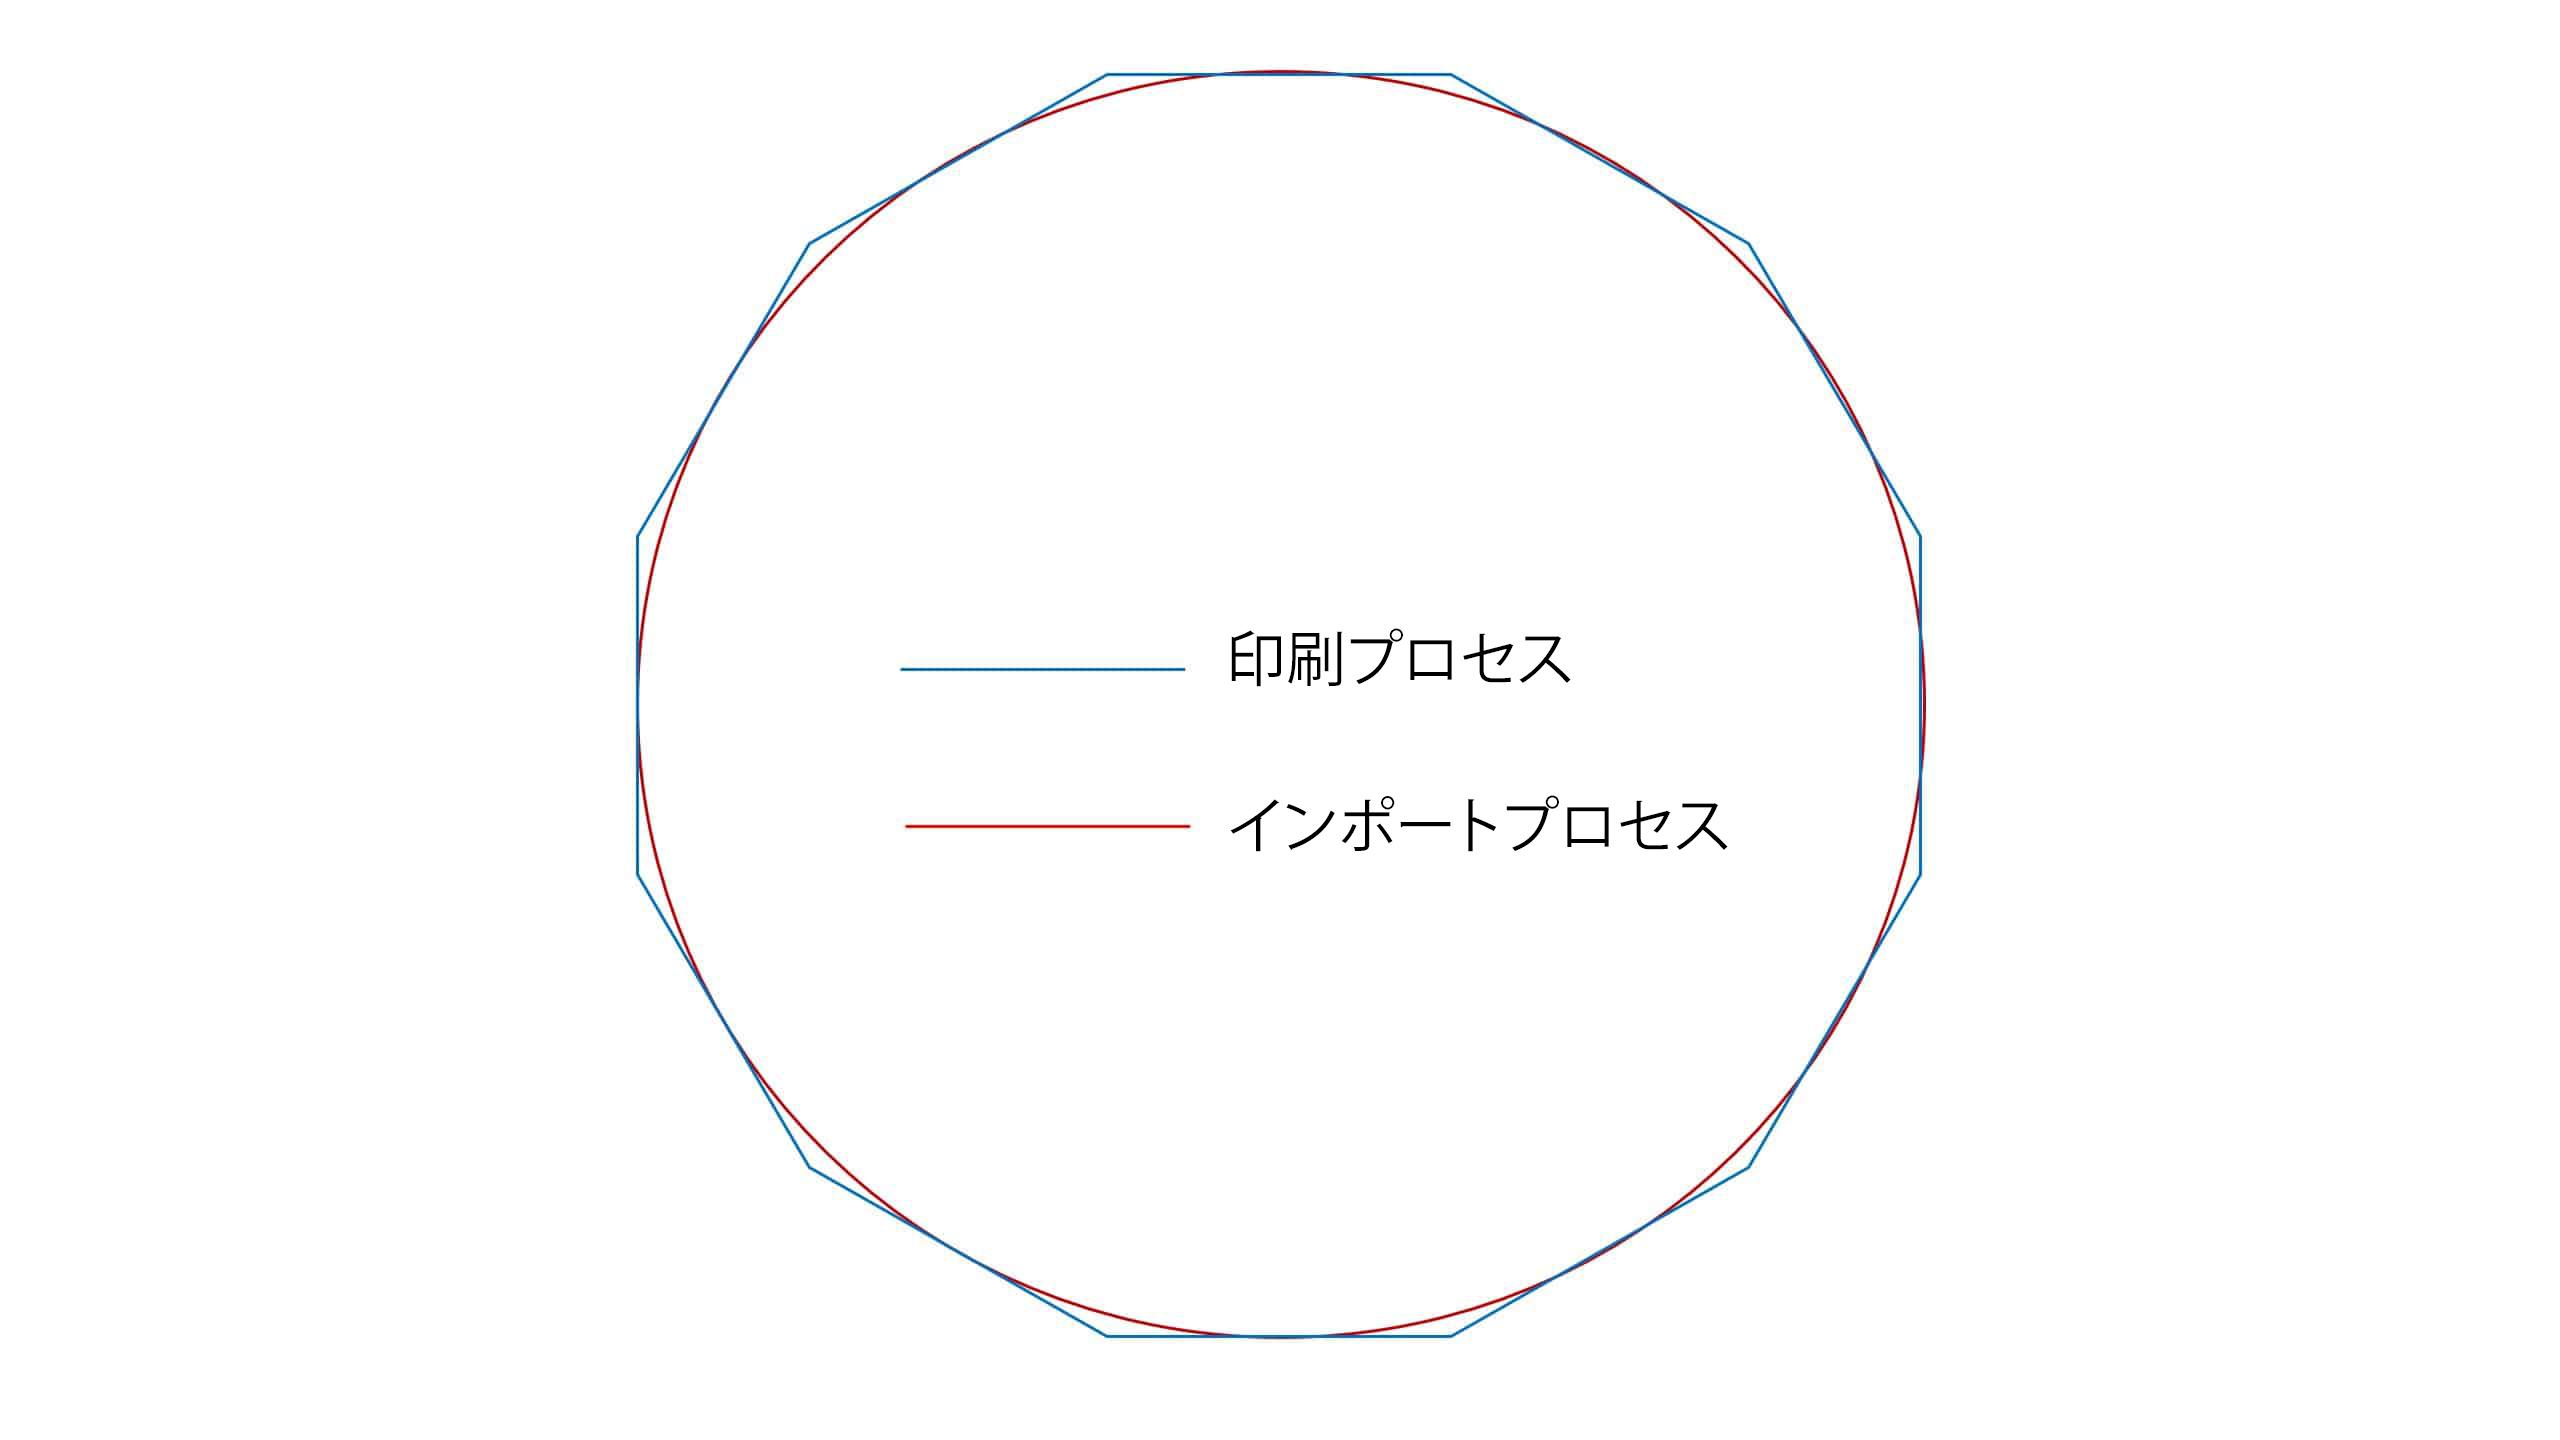 円形レンダリングの直接インポート